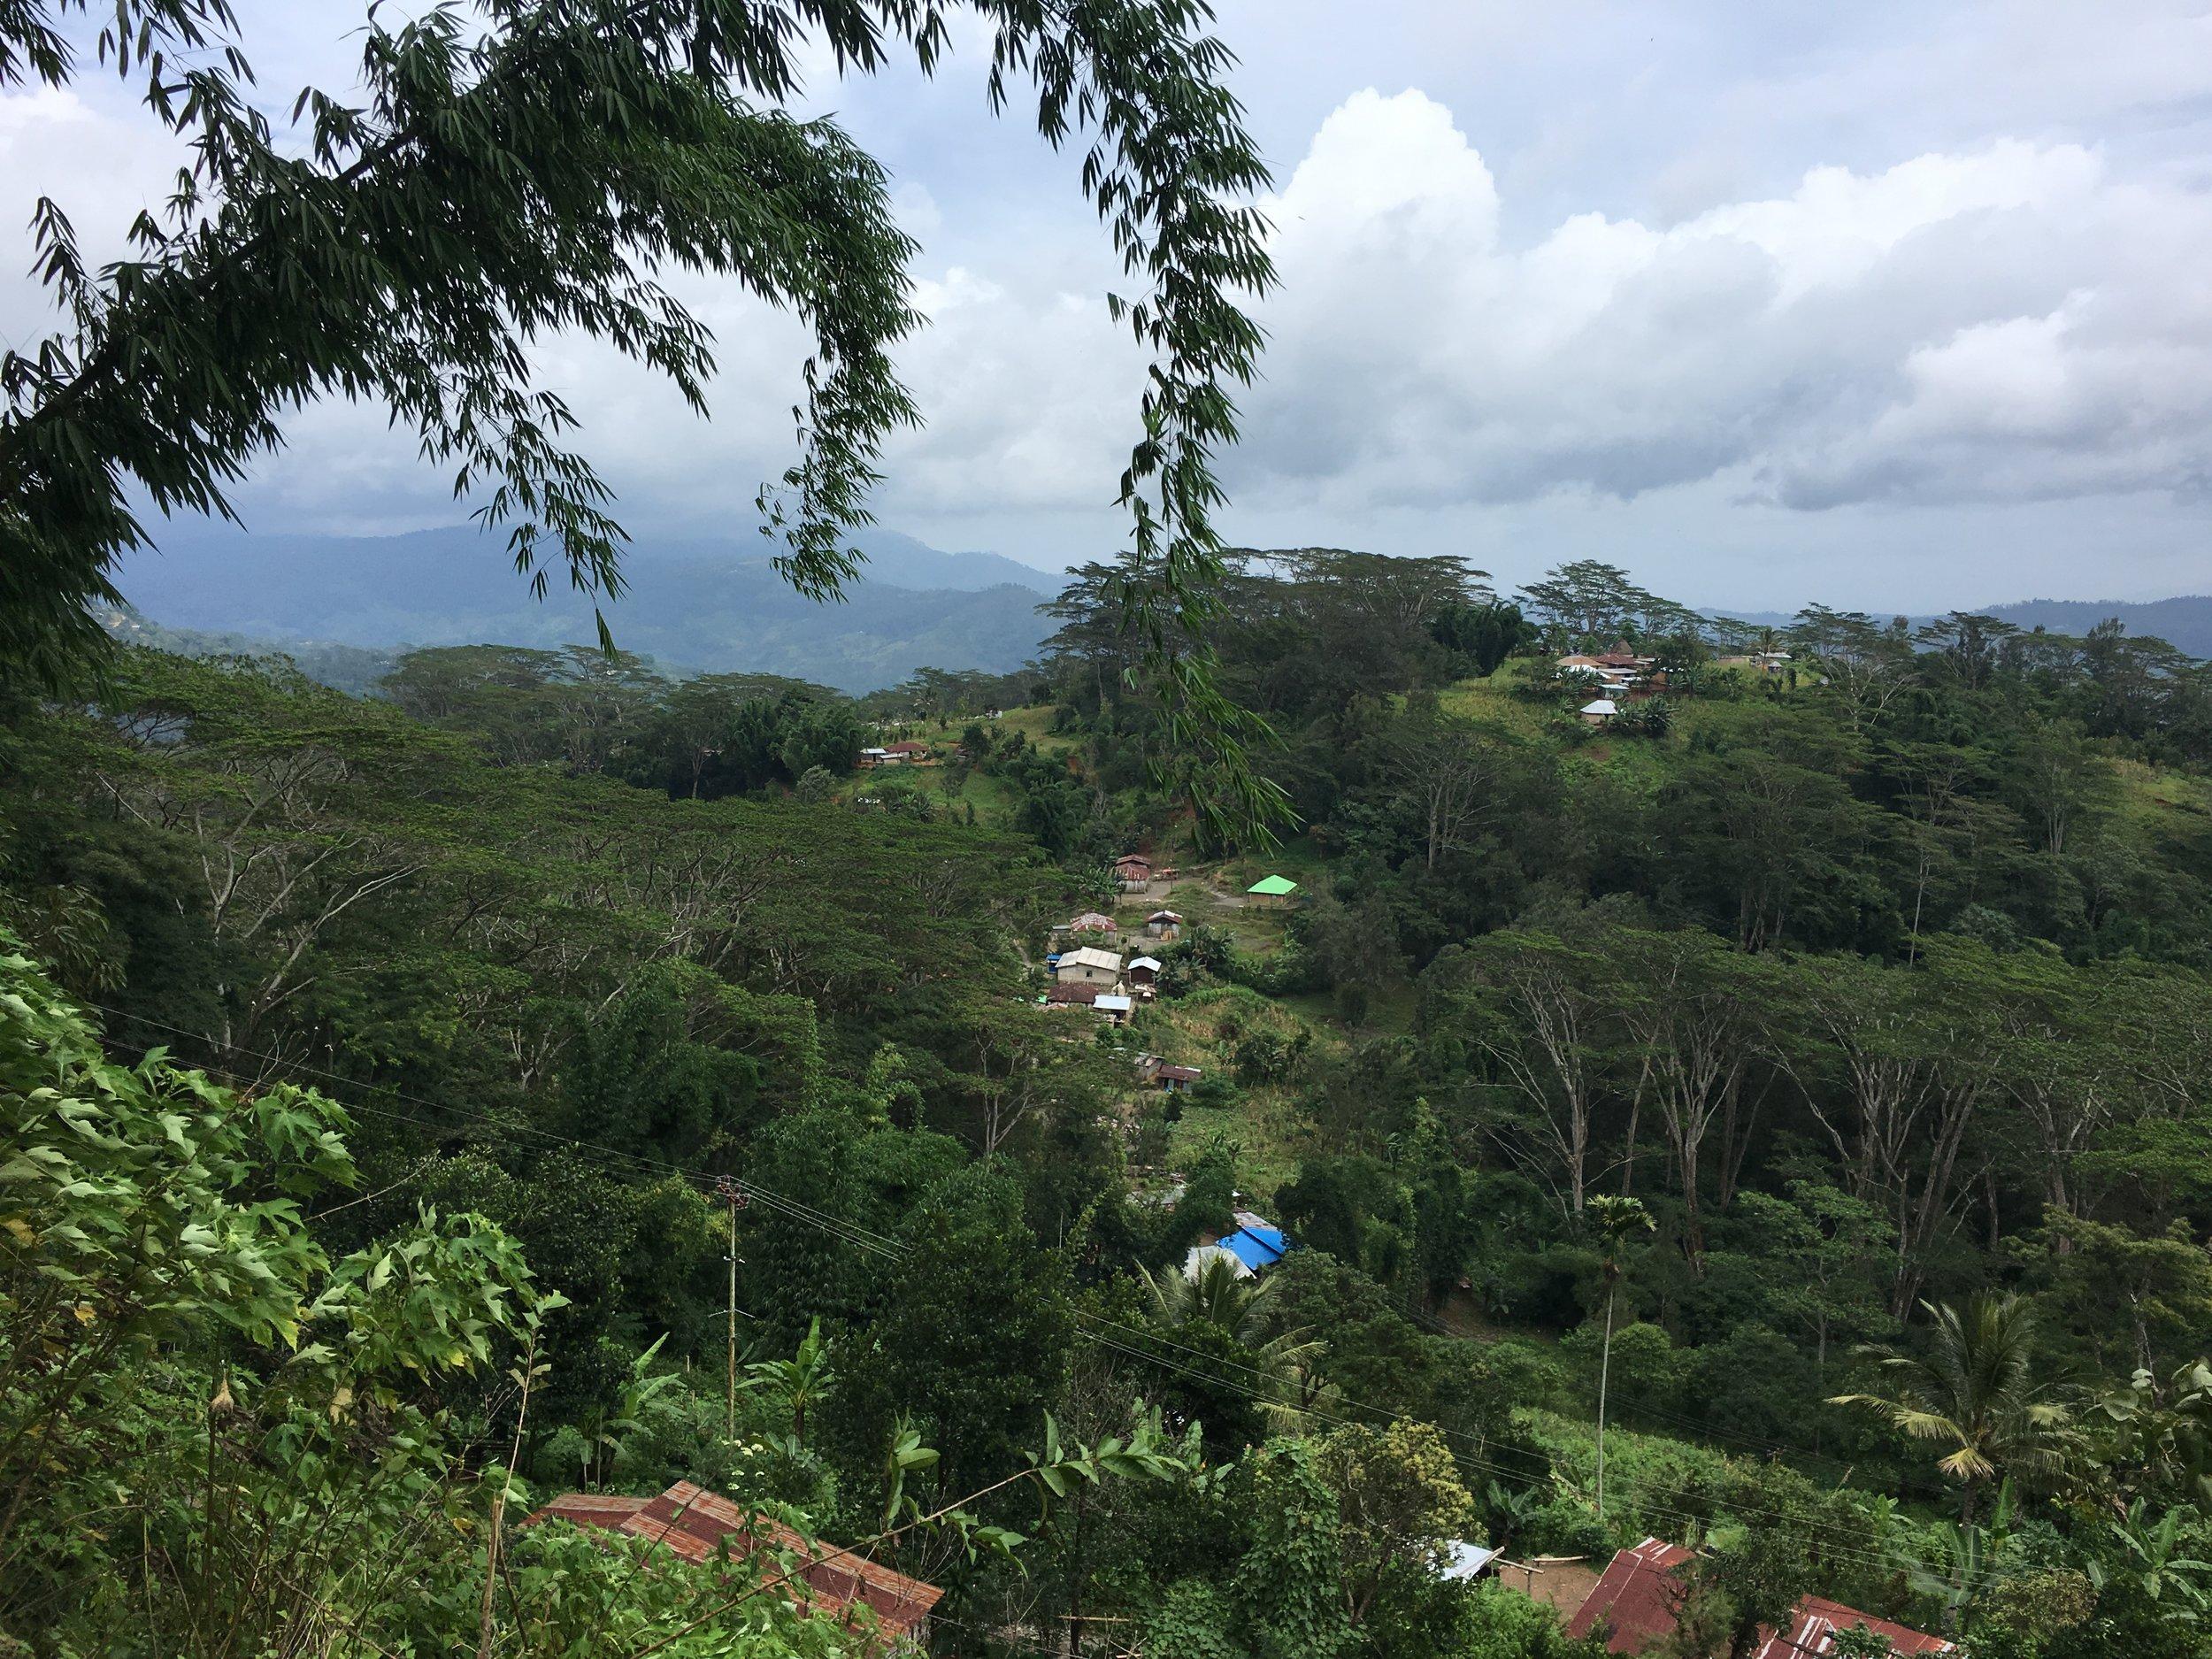 Mountain community in Timor Leste